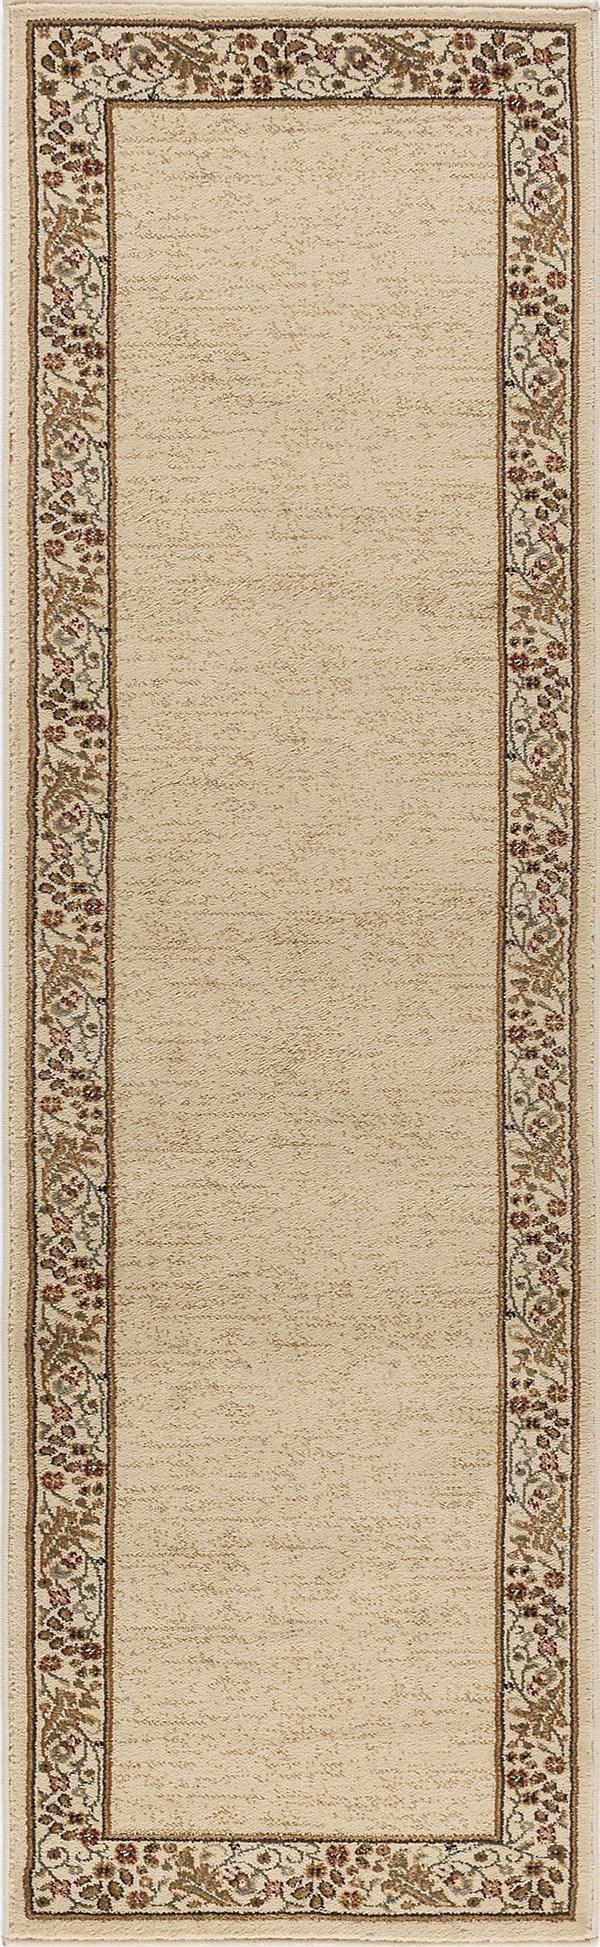 Ivory (4742) Bordered Area Rug